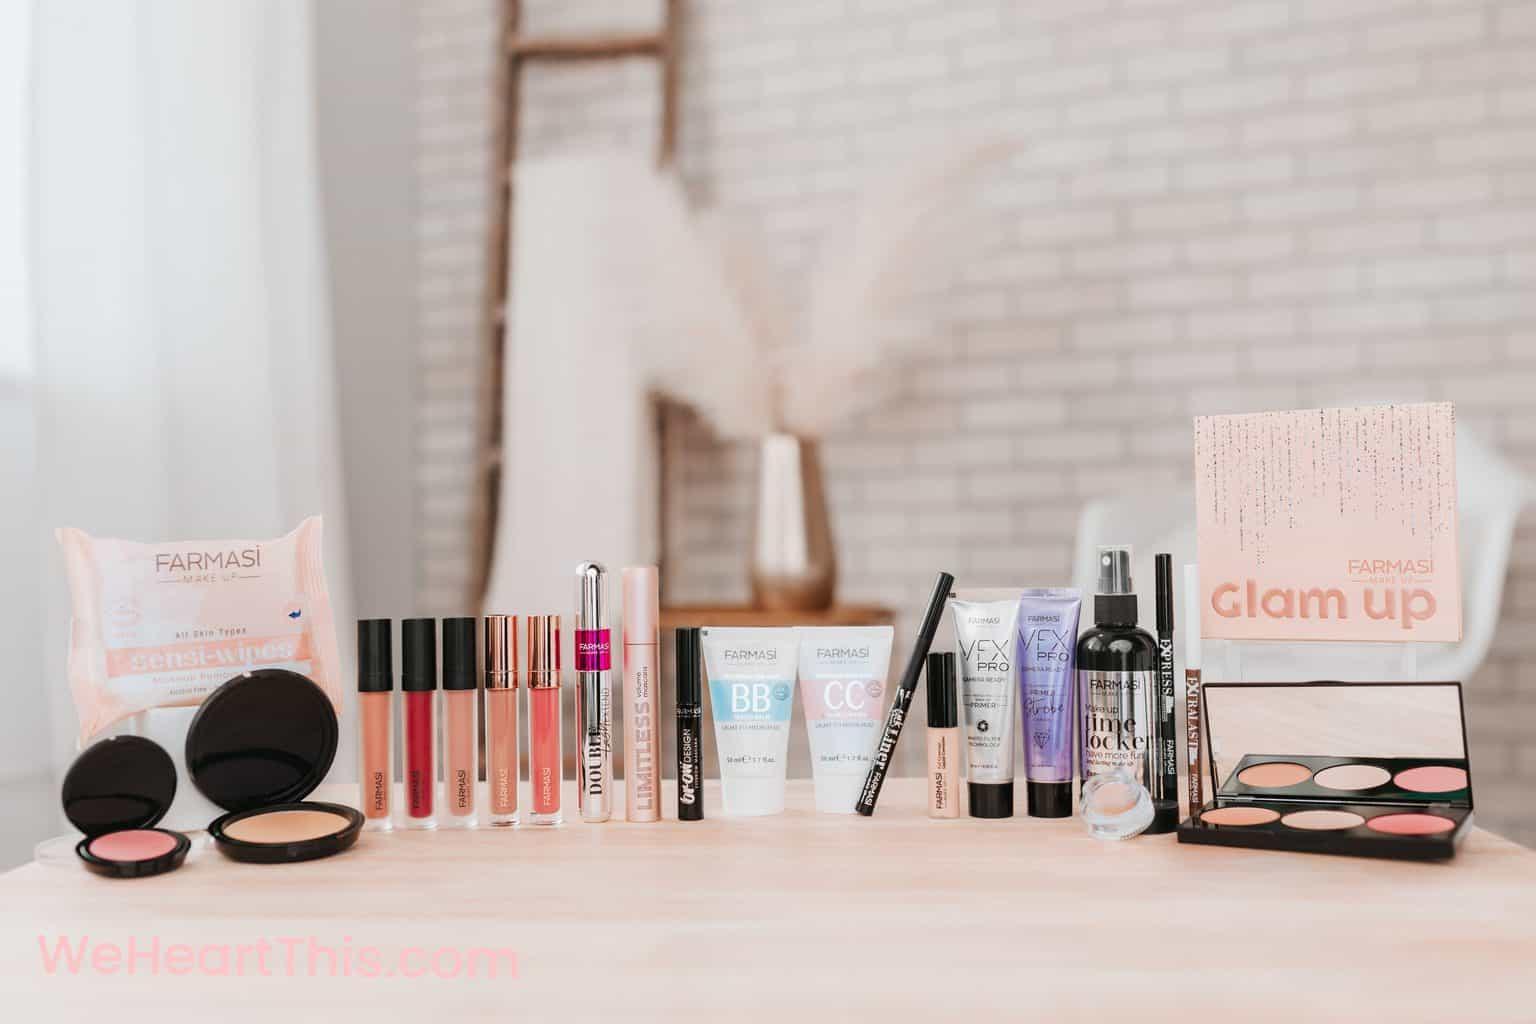 Farmasi Beauty Influencer Makeup Kit